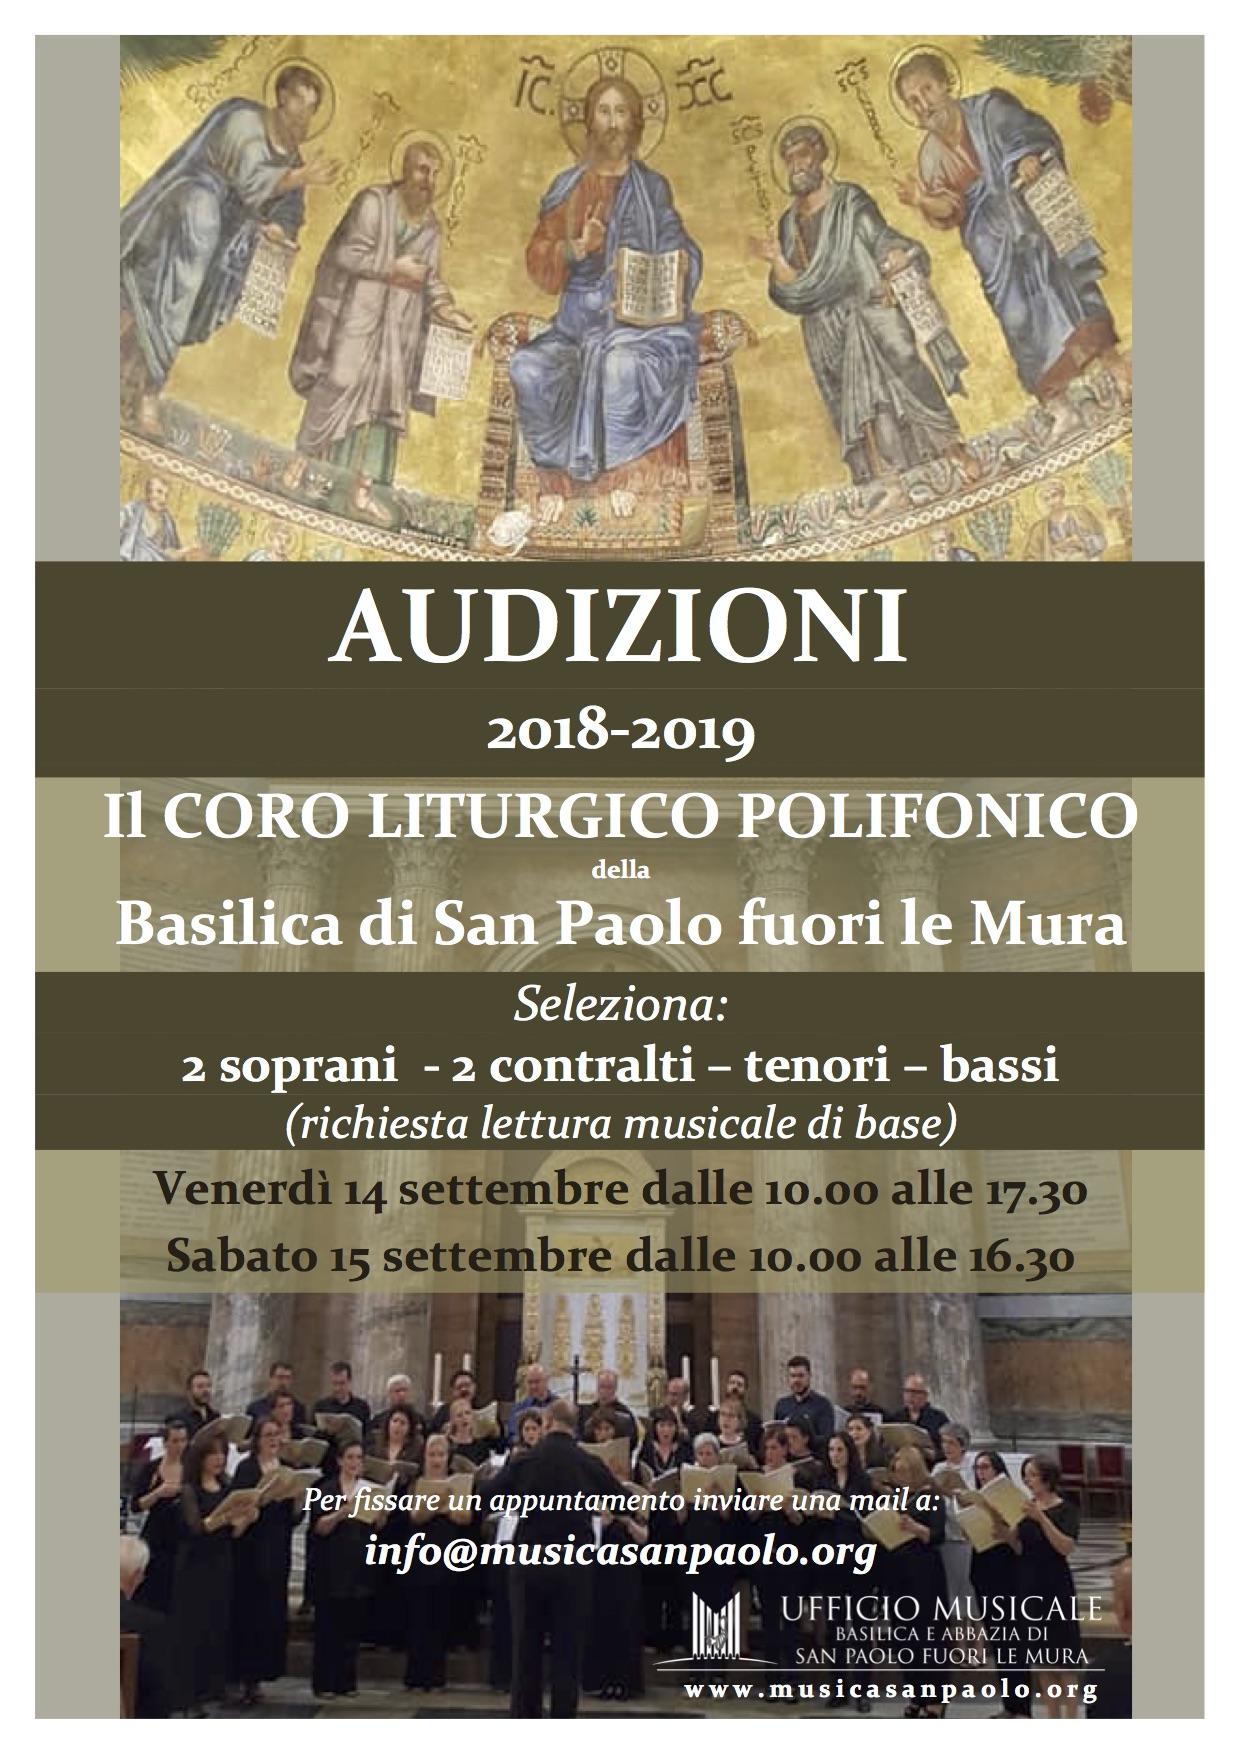 Audizioni Coro Liturgico Polifonico 2018/19